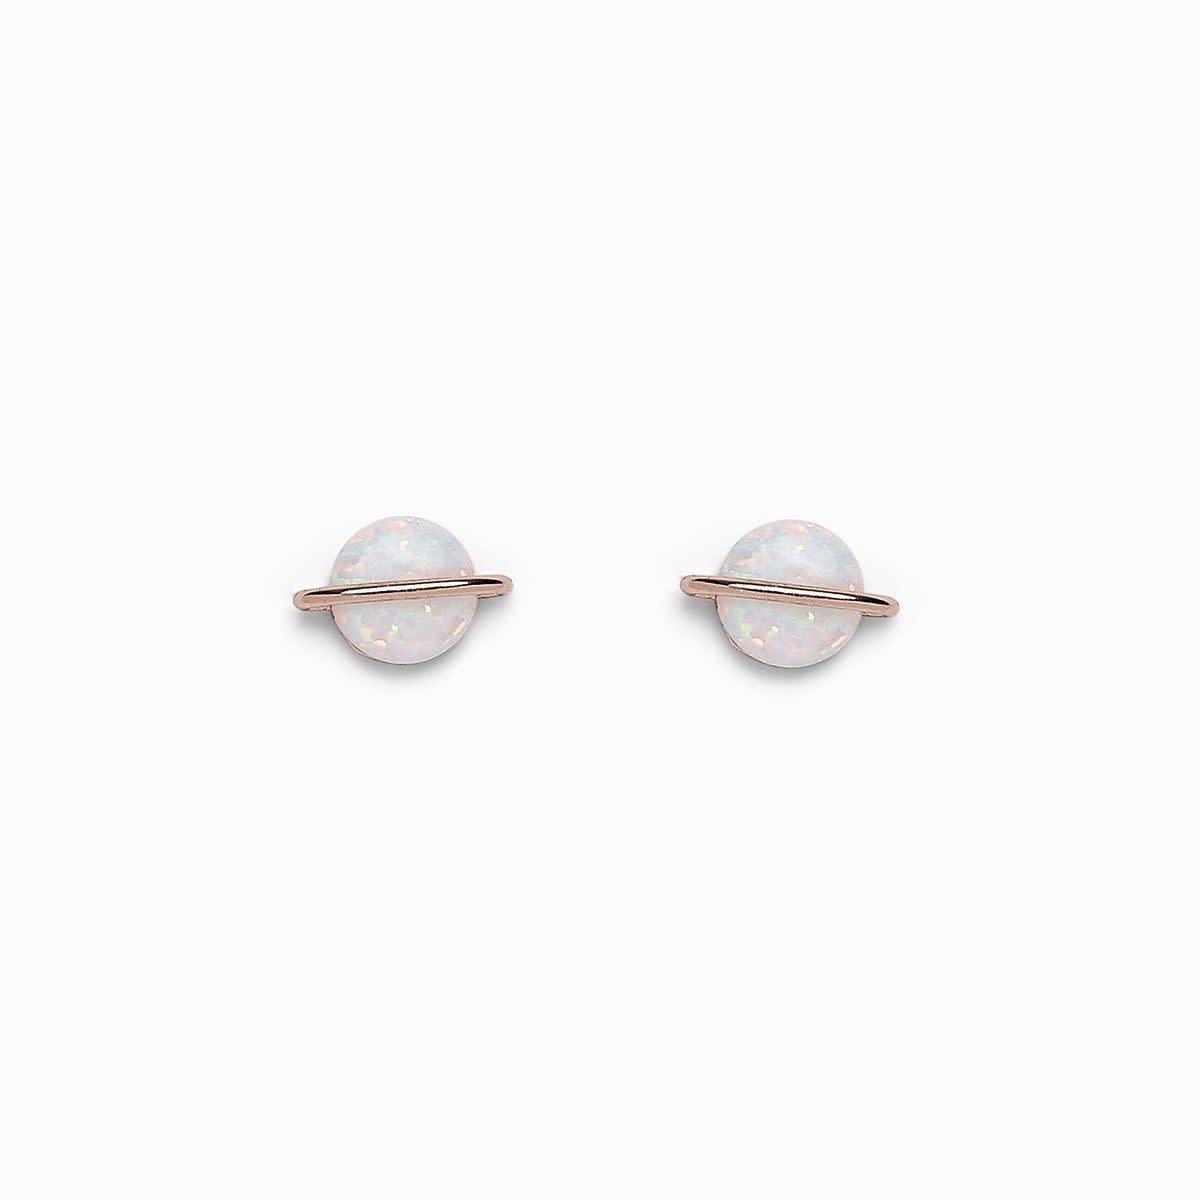 PuraVida Opal Saturn Stud Earrings